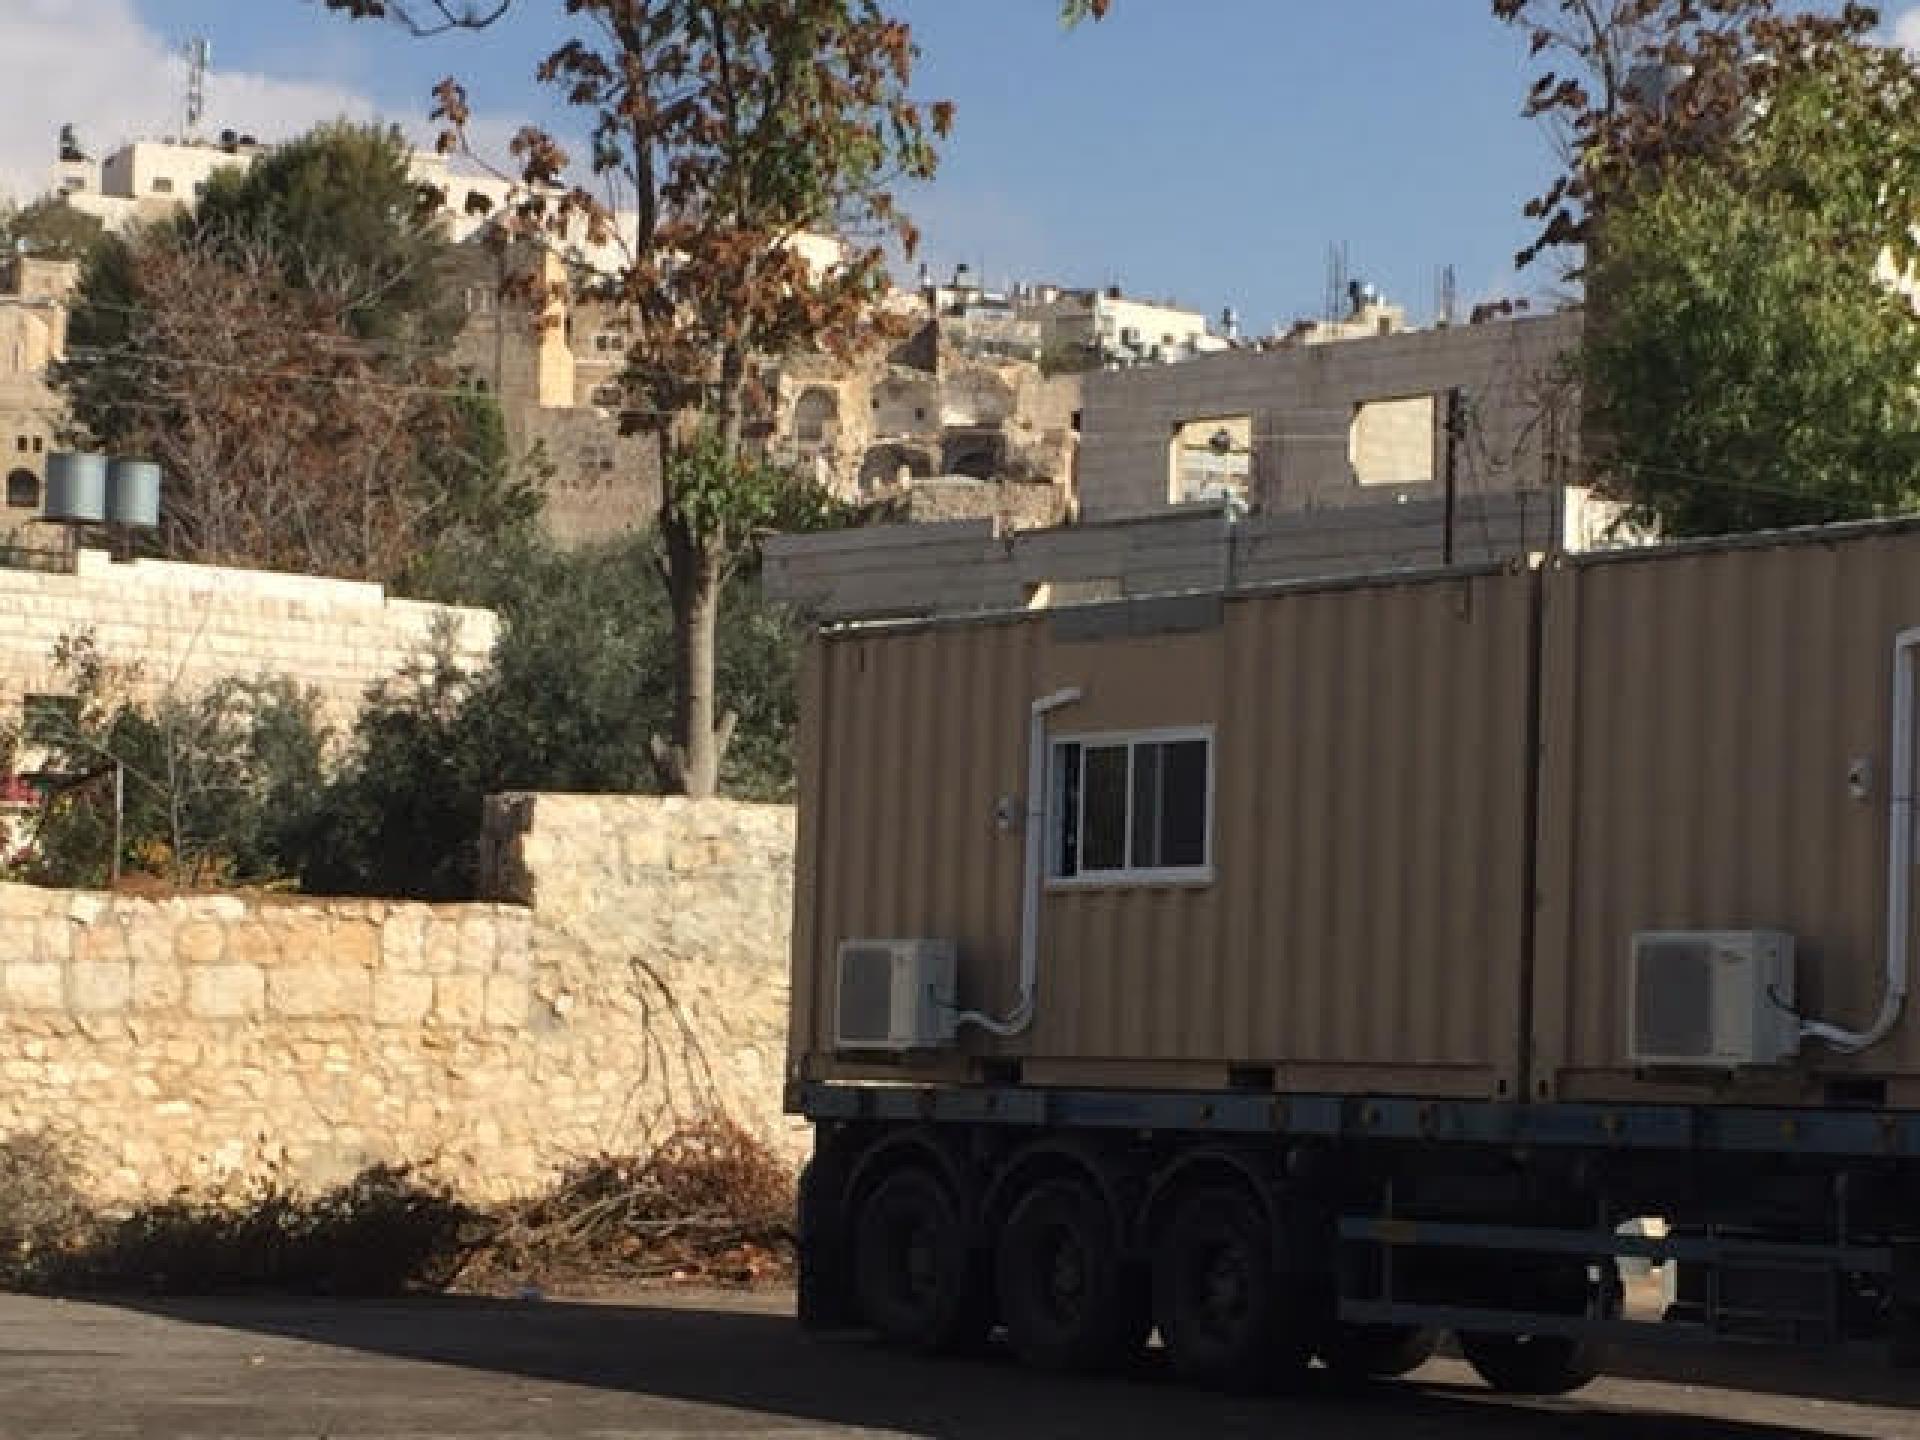 מכונית צבאית נוסעת לשם עם שלושה מבנים יבילים